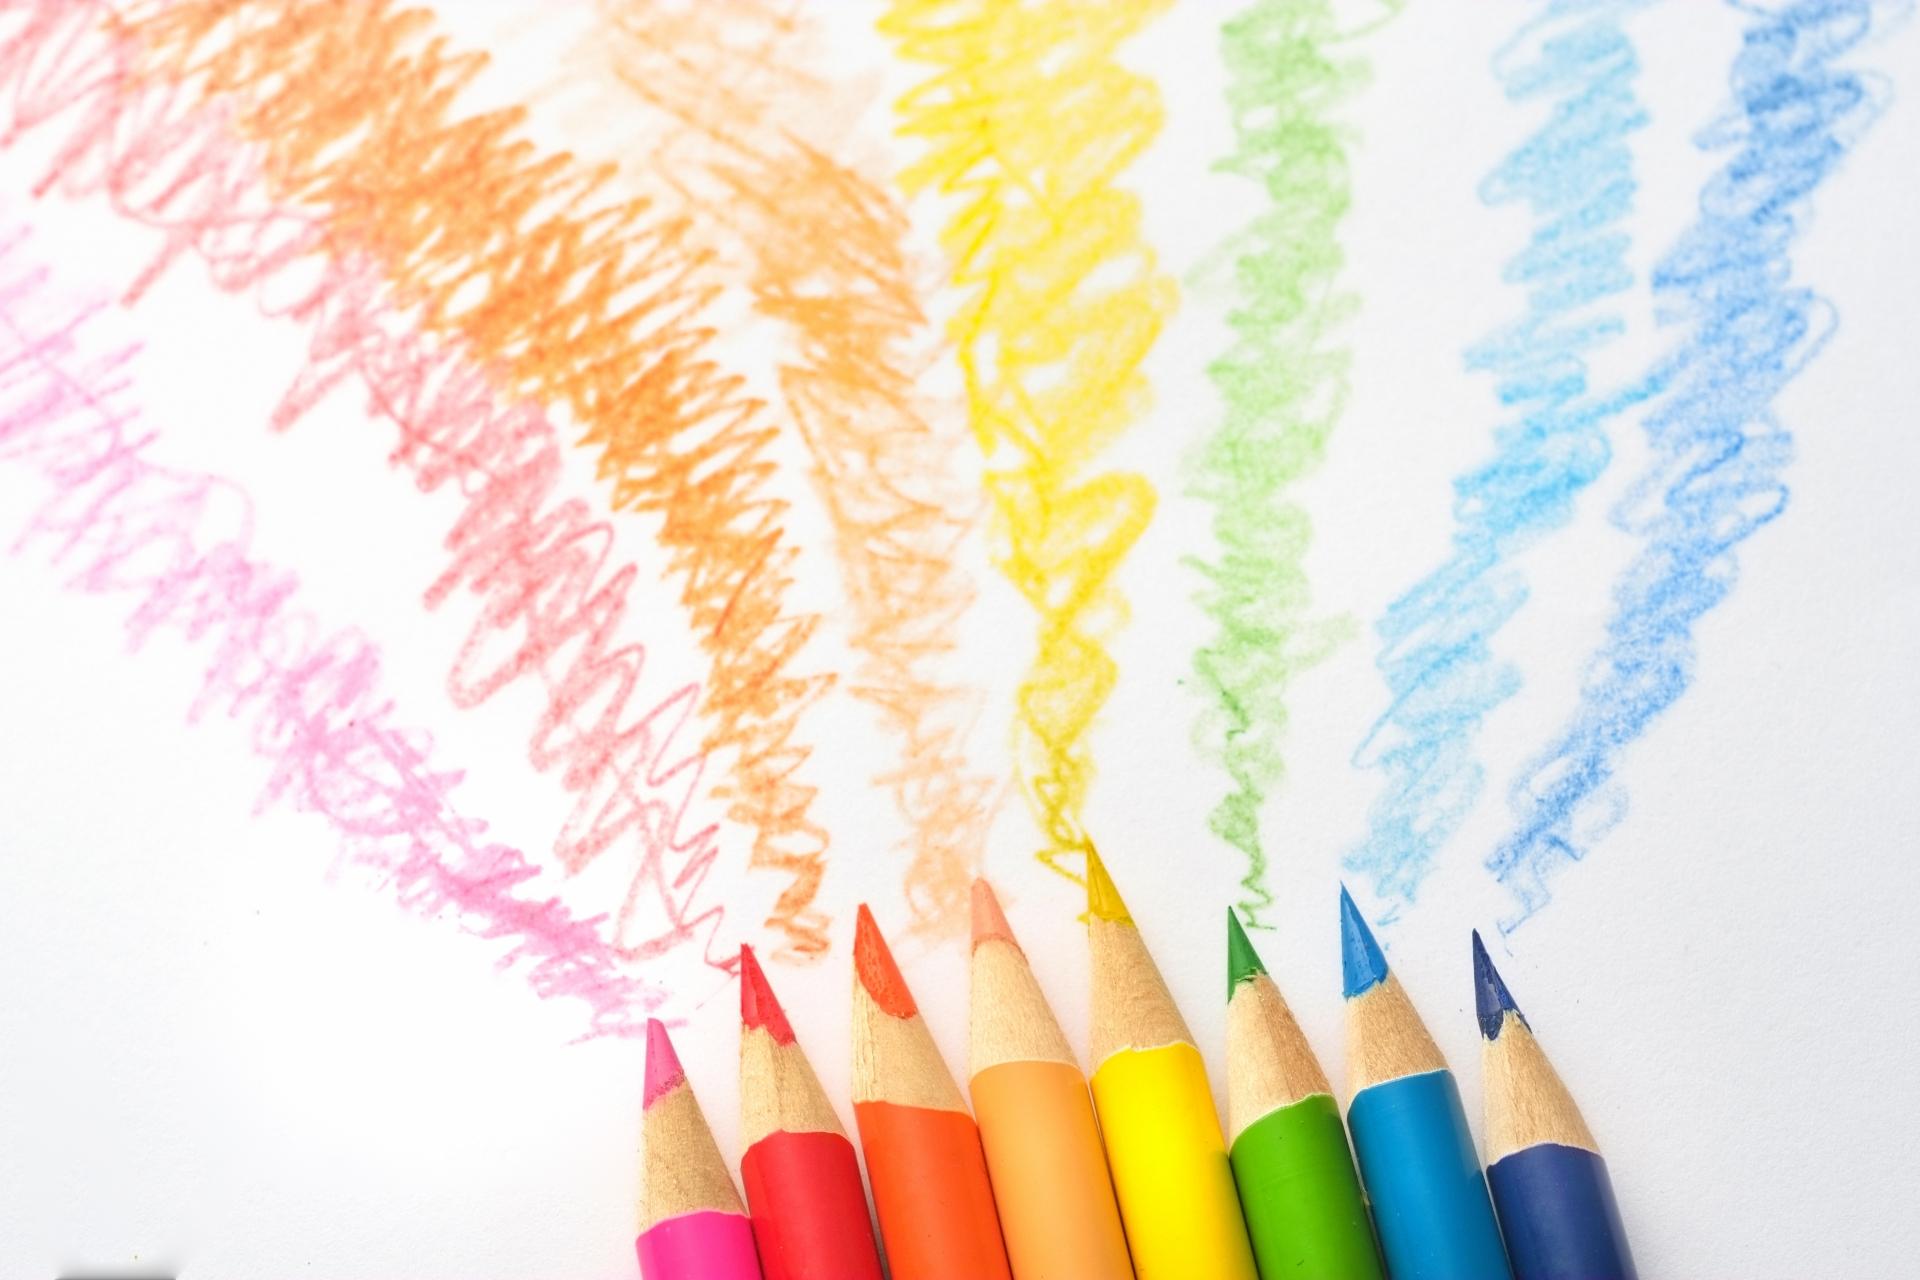 七田式教育3つの方法、教室・教材・通信教育を内容や料金などで比較